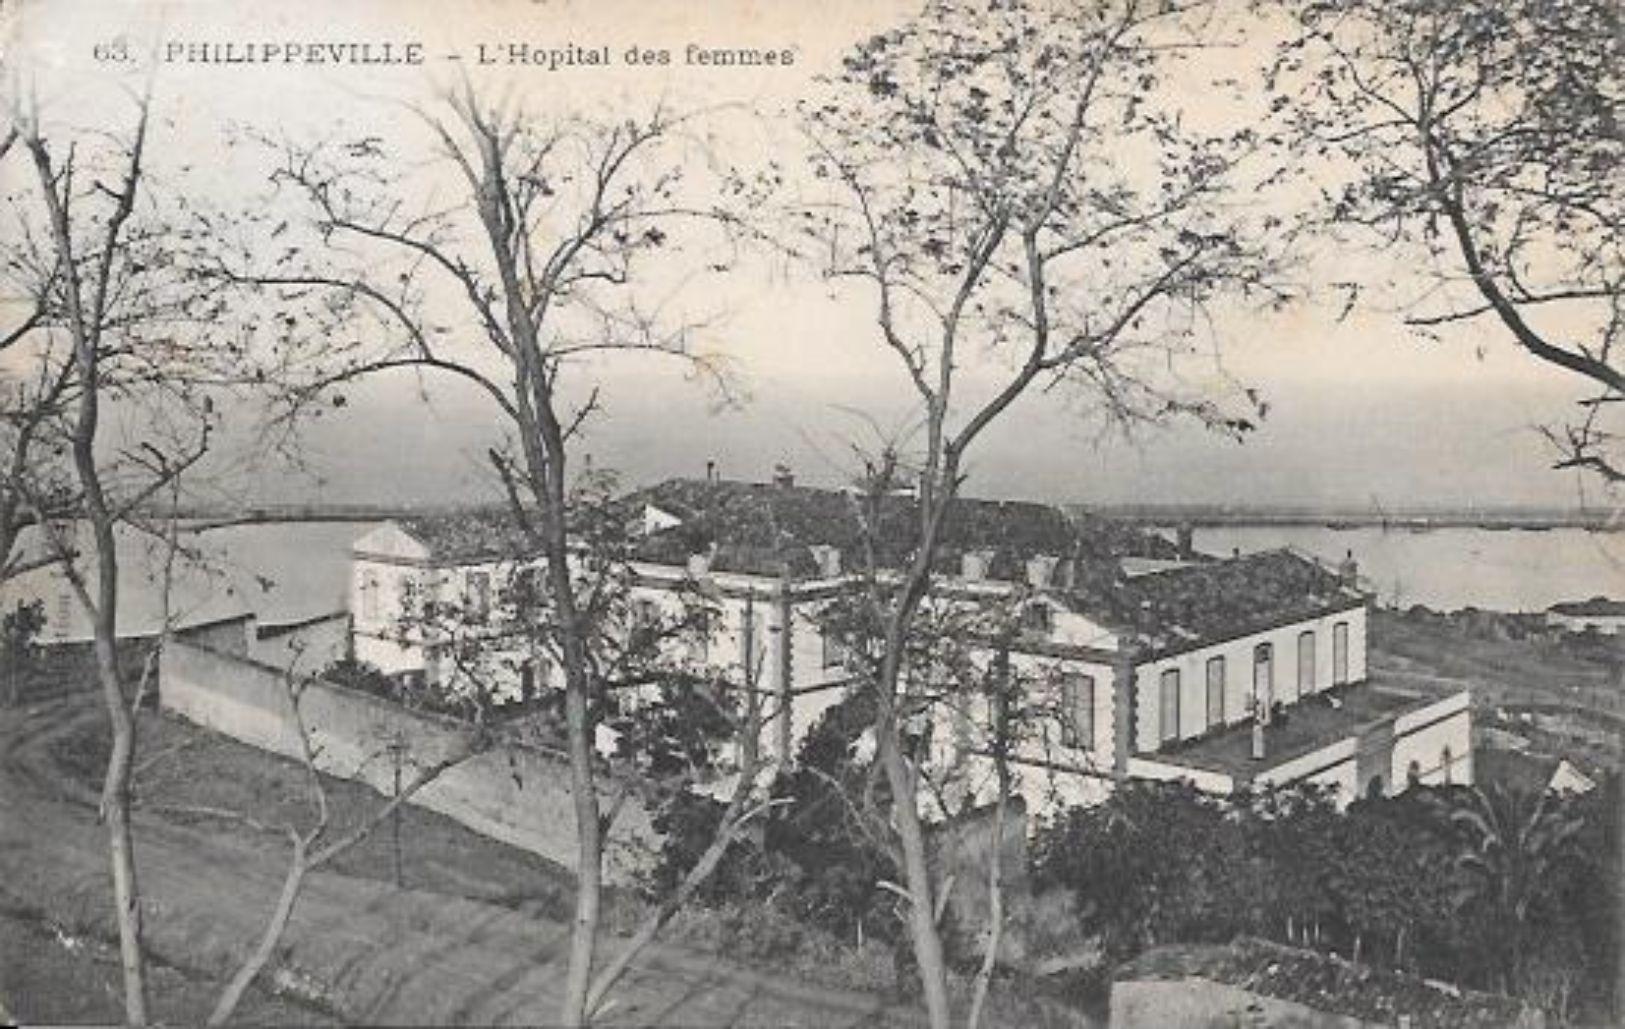 ALGERIE CPA PHILIPPEVILLE L'HOPITAL DES FEMMES - Algérie